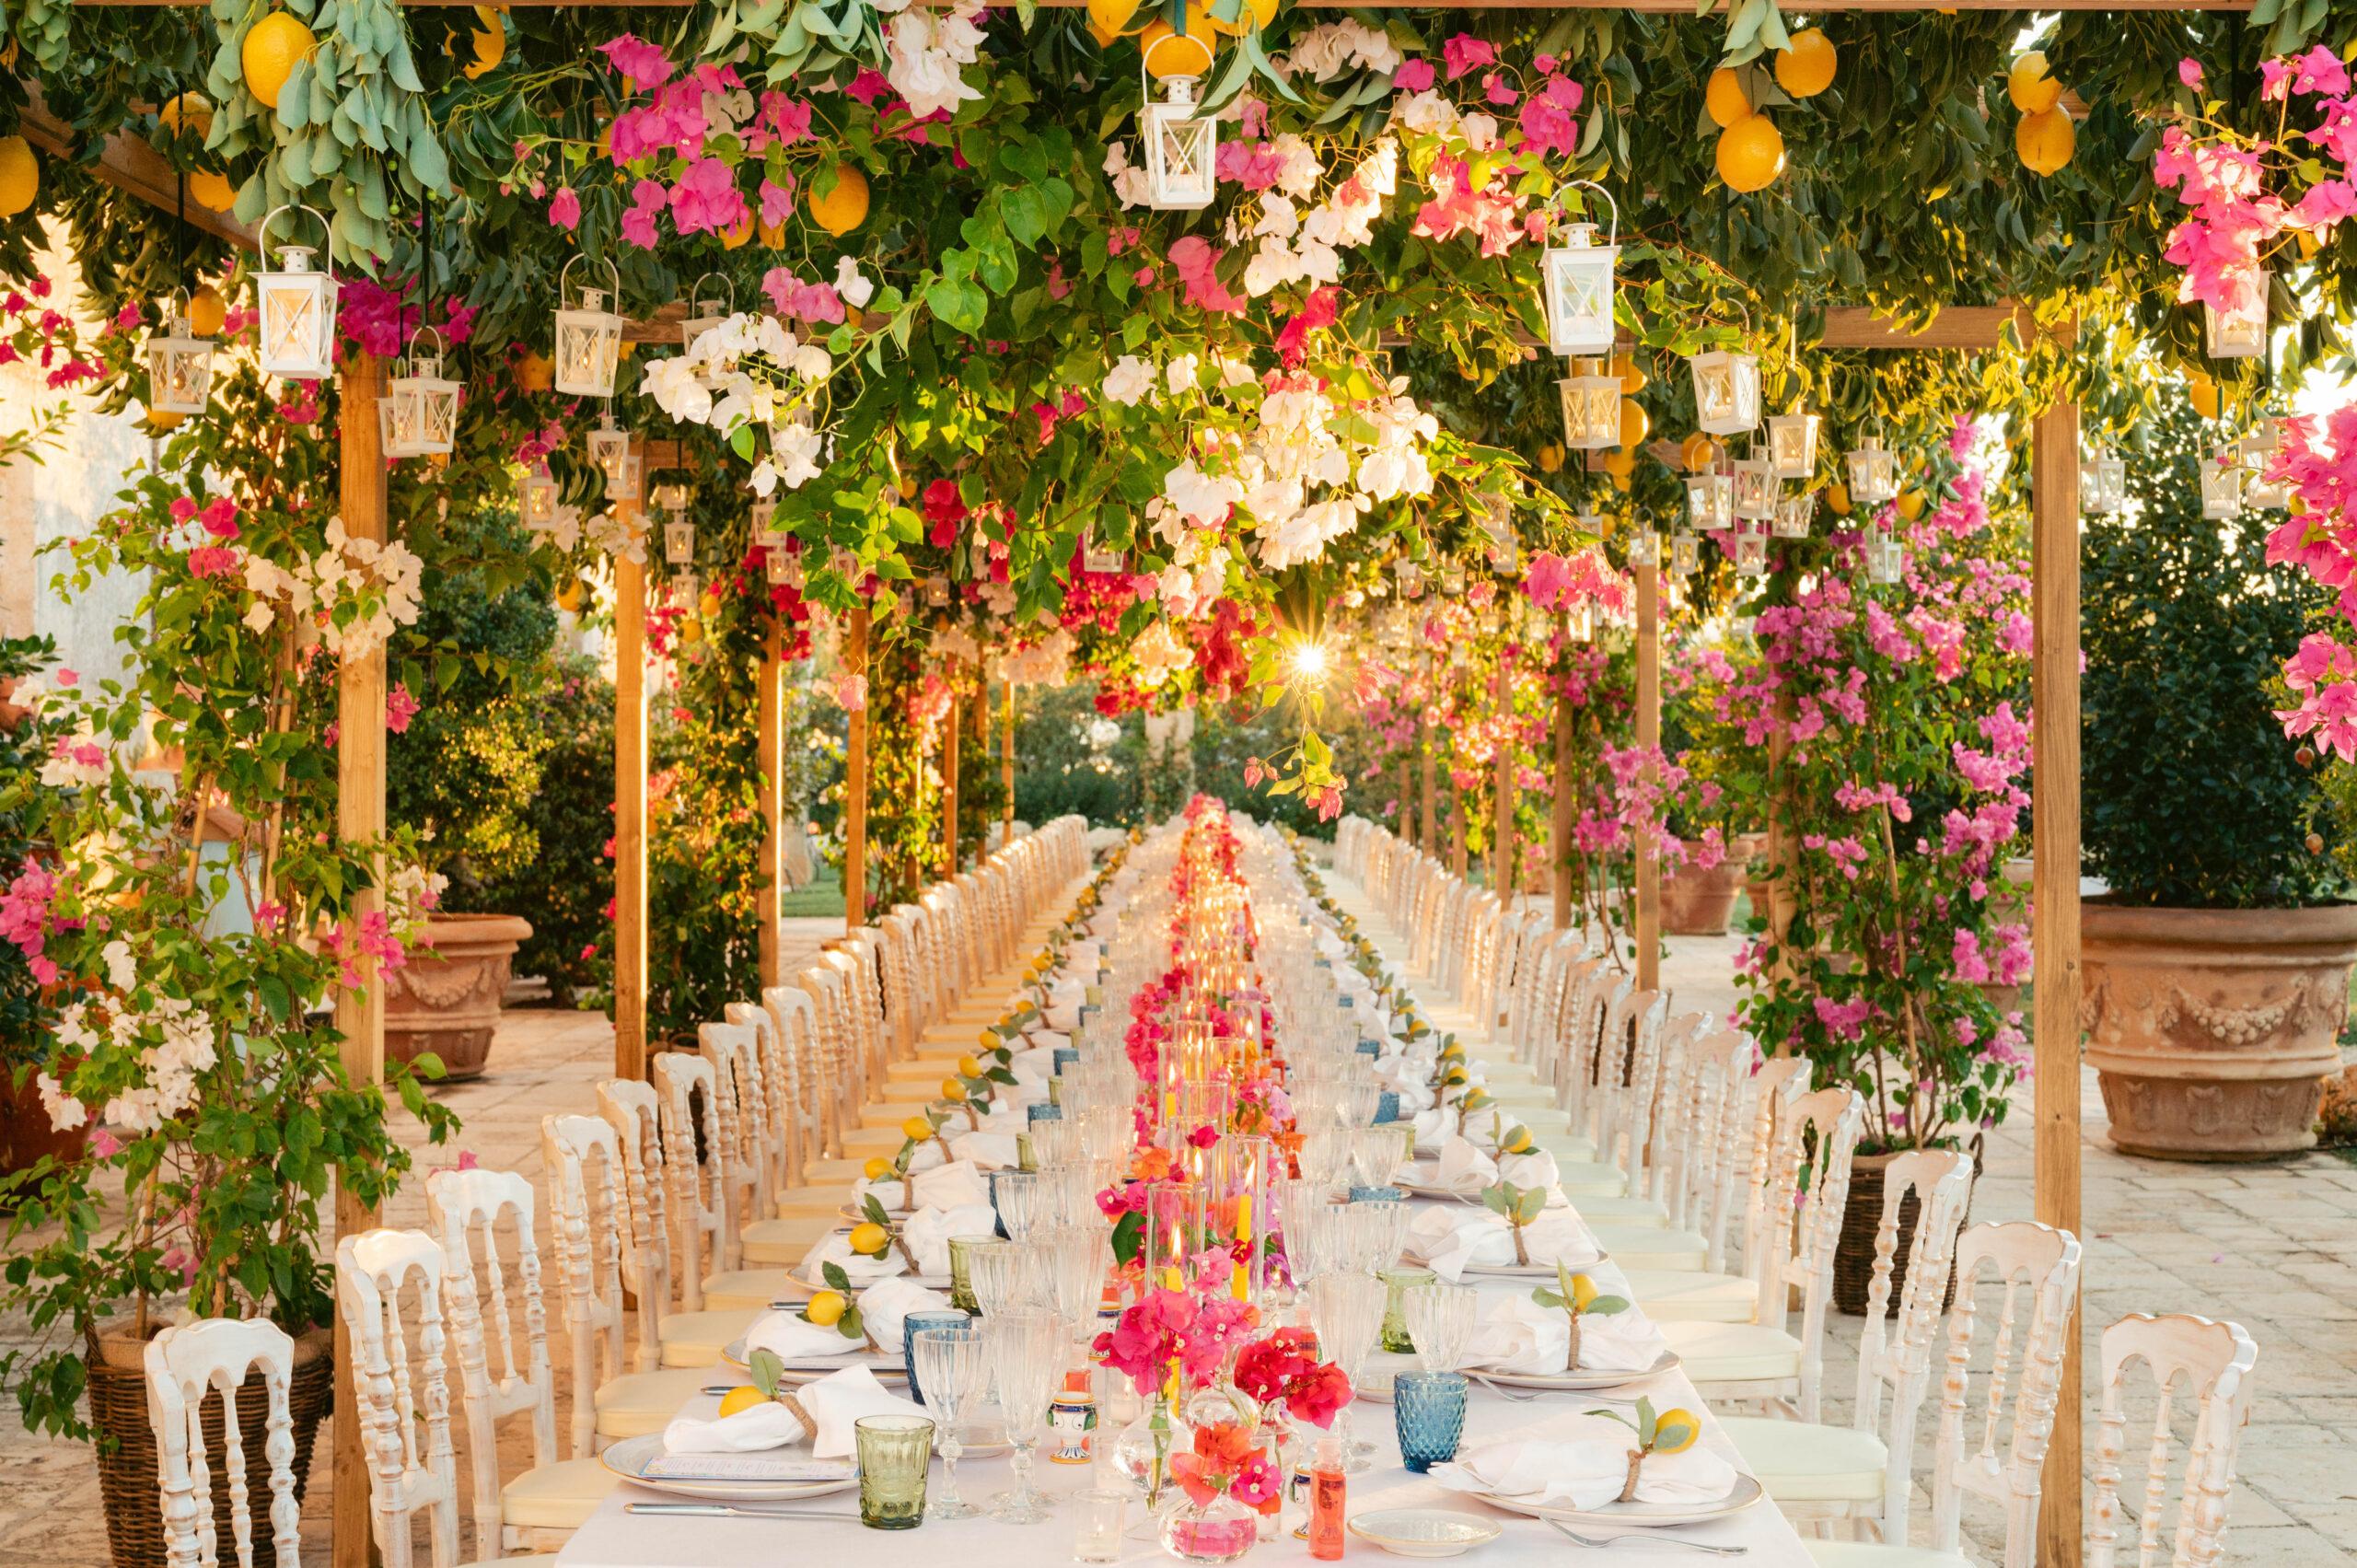 Polish wedding in Italy